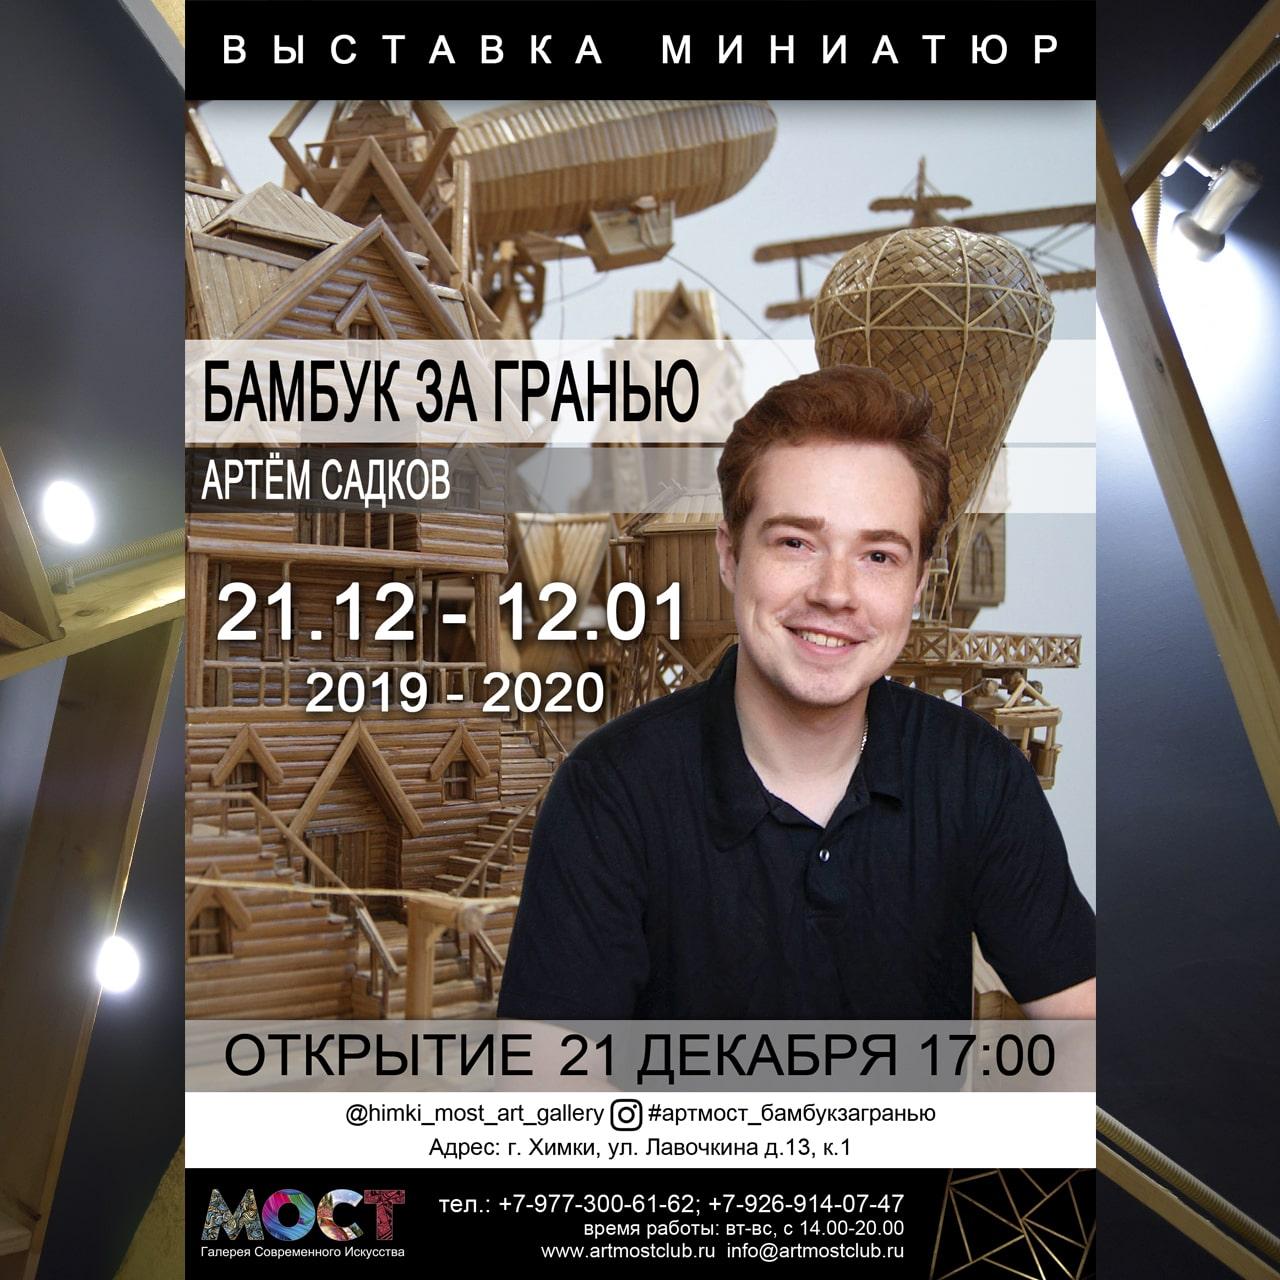 """Выставка миниатюр """"Бамбук за гранью"""" в Химках."""